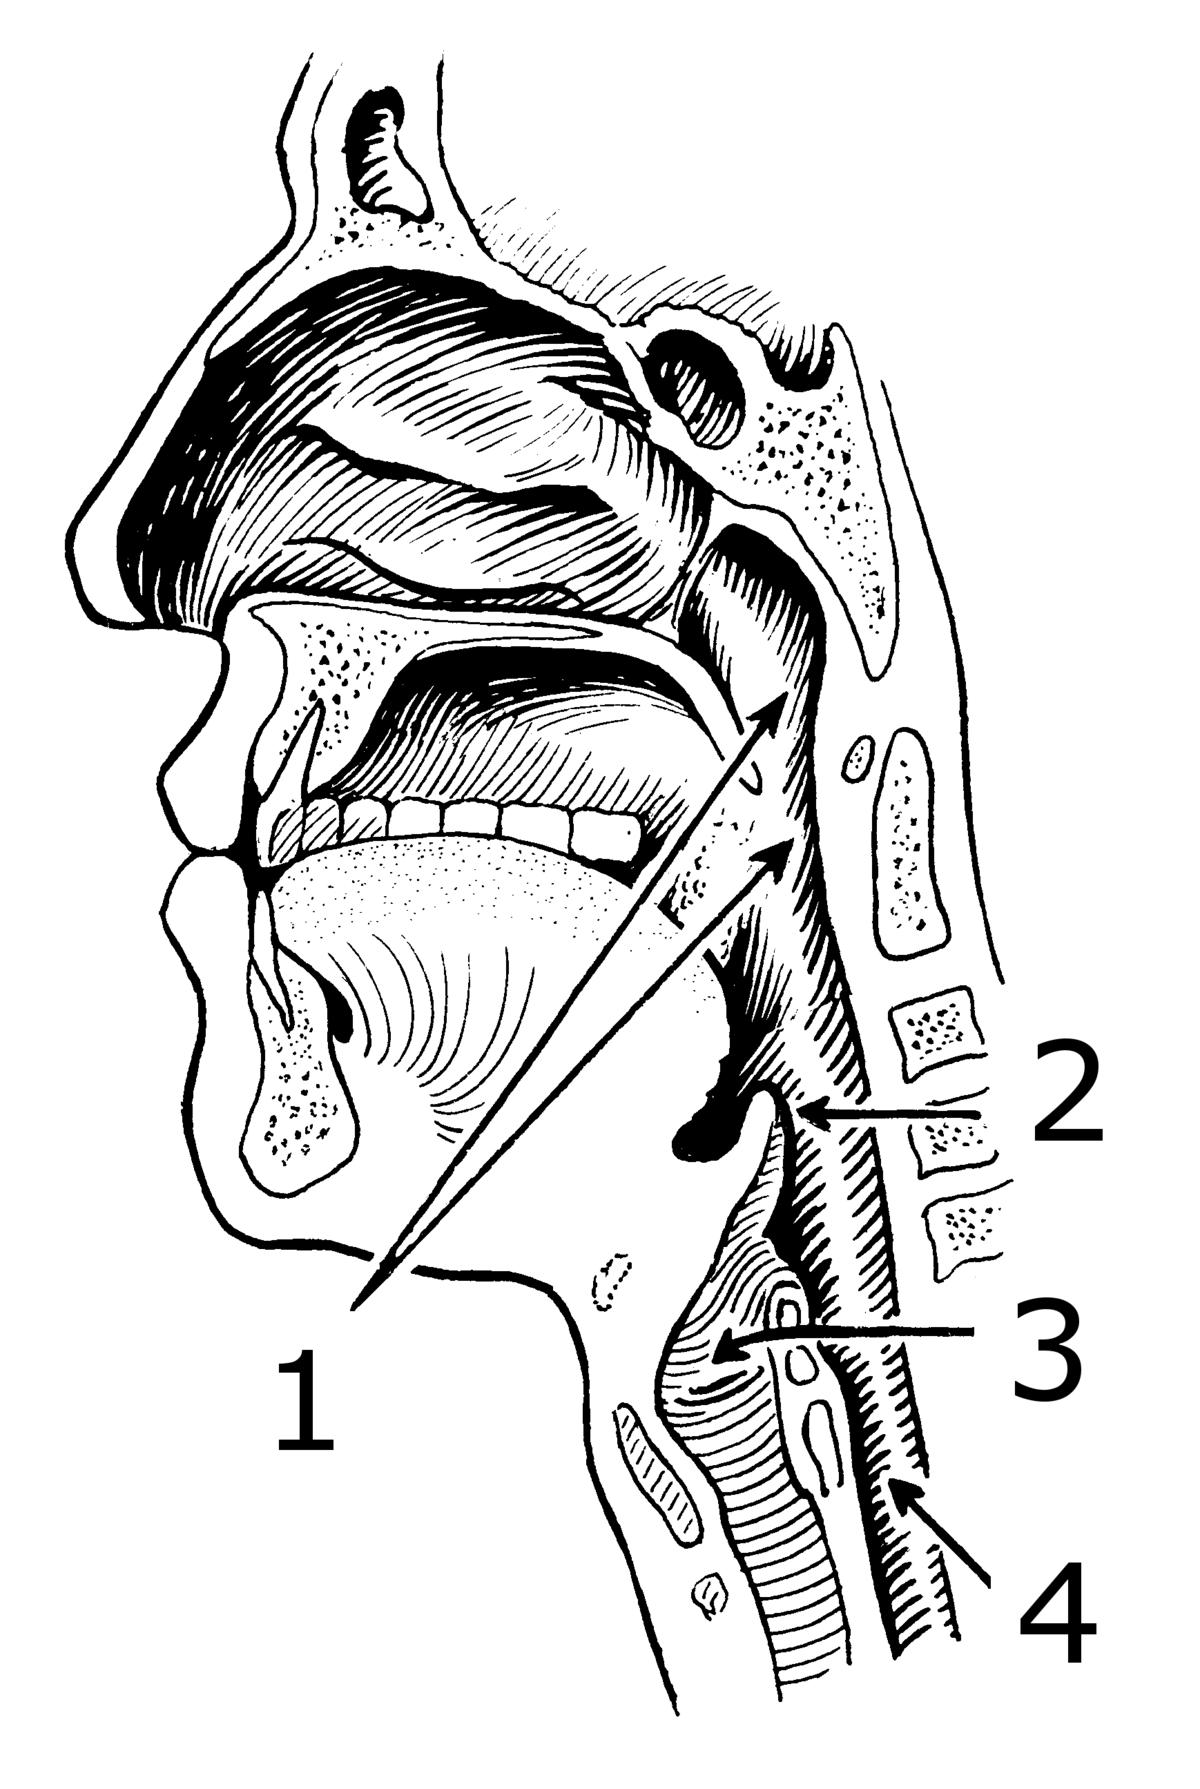 Faringe - Wikipedia, la enciclopedia libre